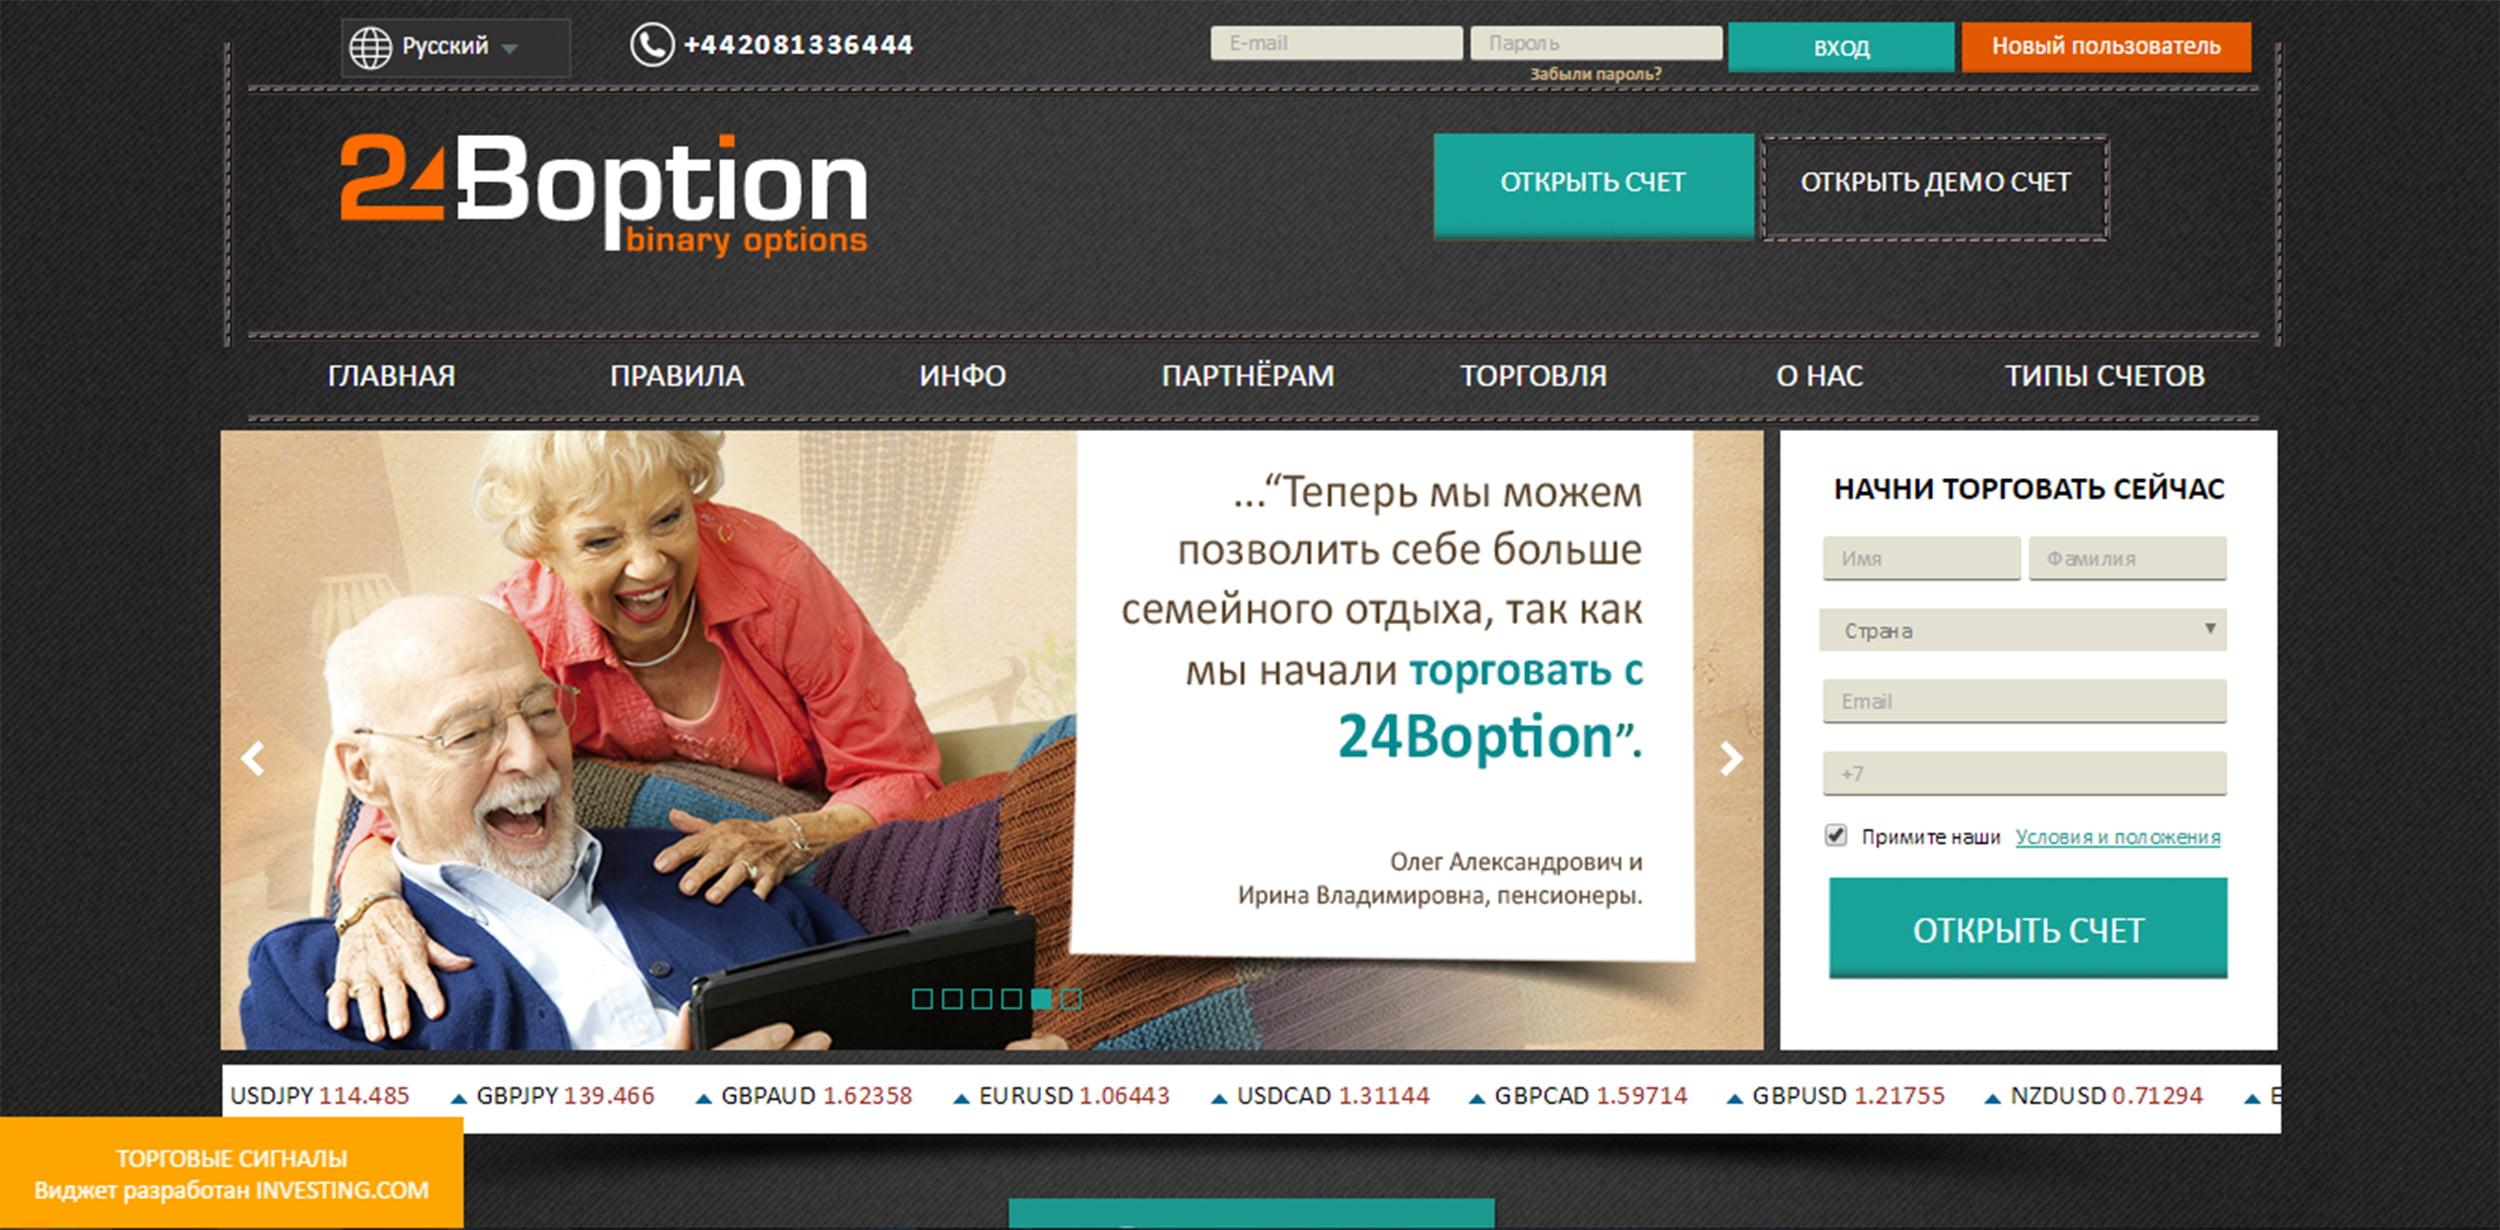 Официальный сайт: http://24bopt.com